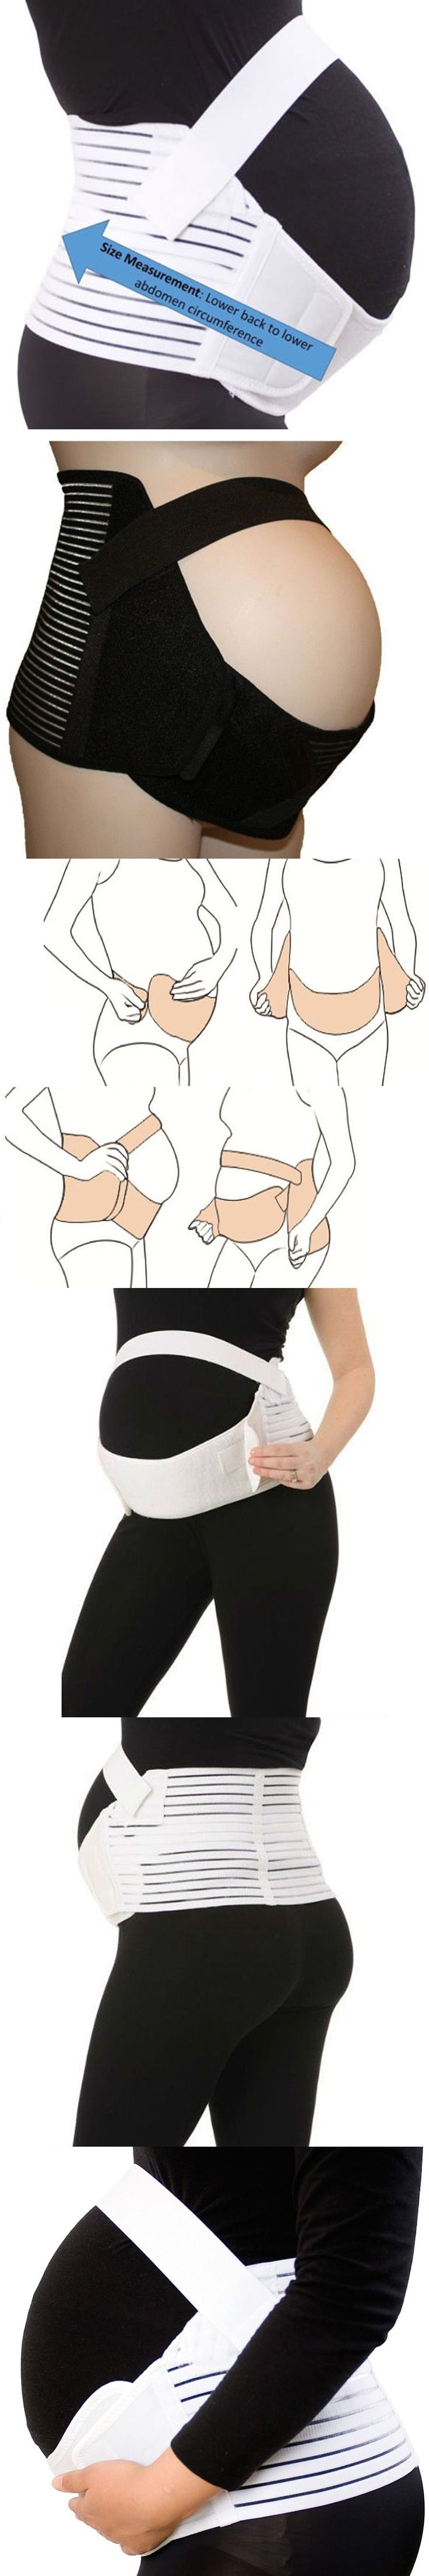 Breathable Maternity Belt Back Support Belly Band Pregnancy Belt Support Brace #pregnancybelt,